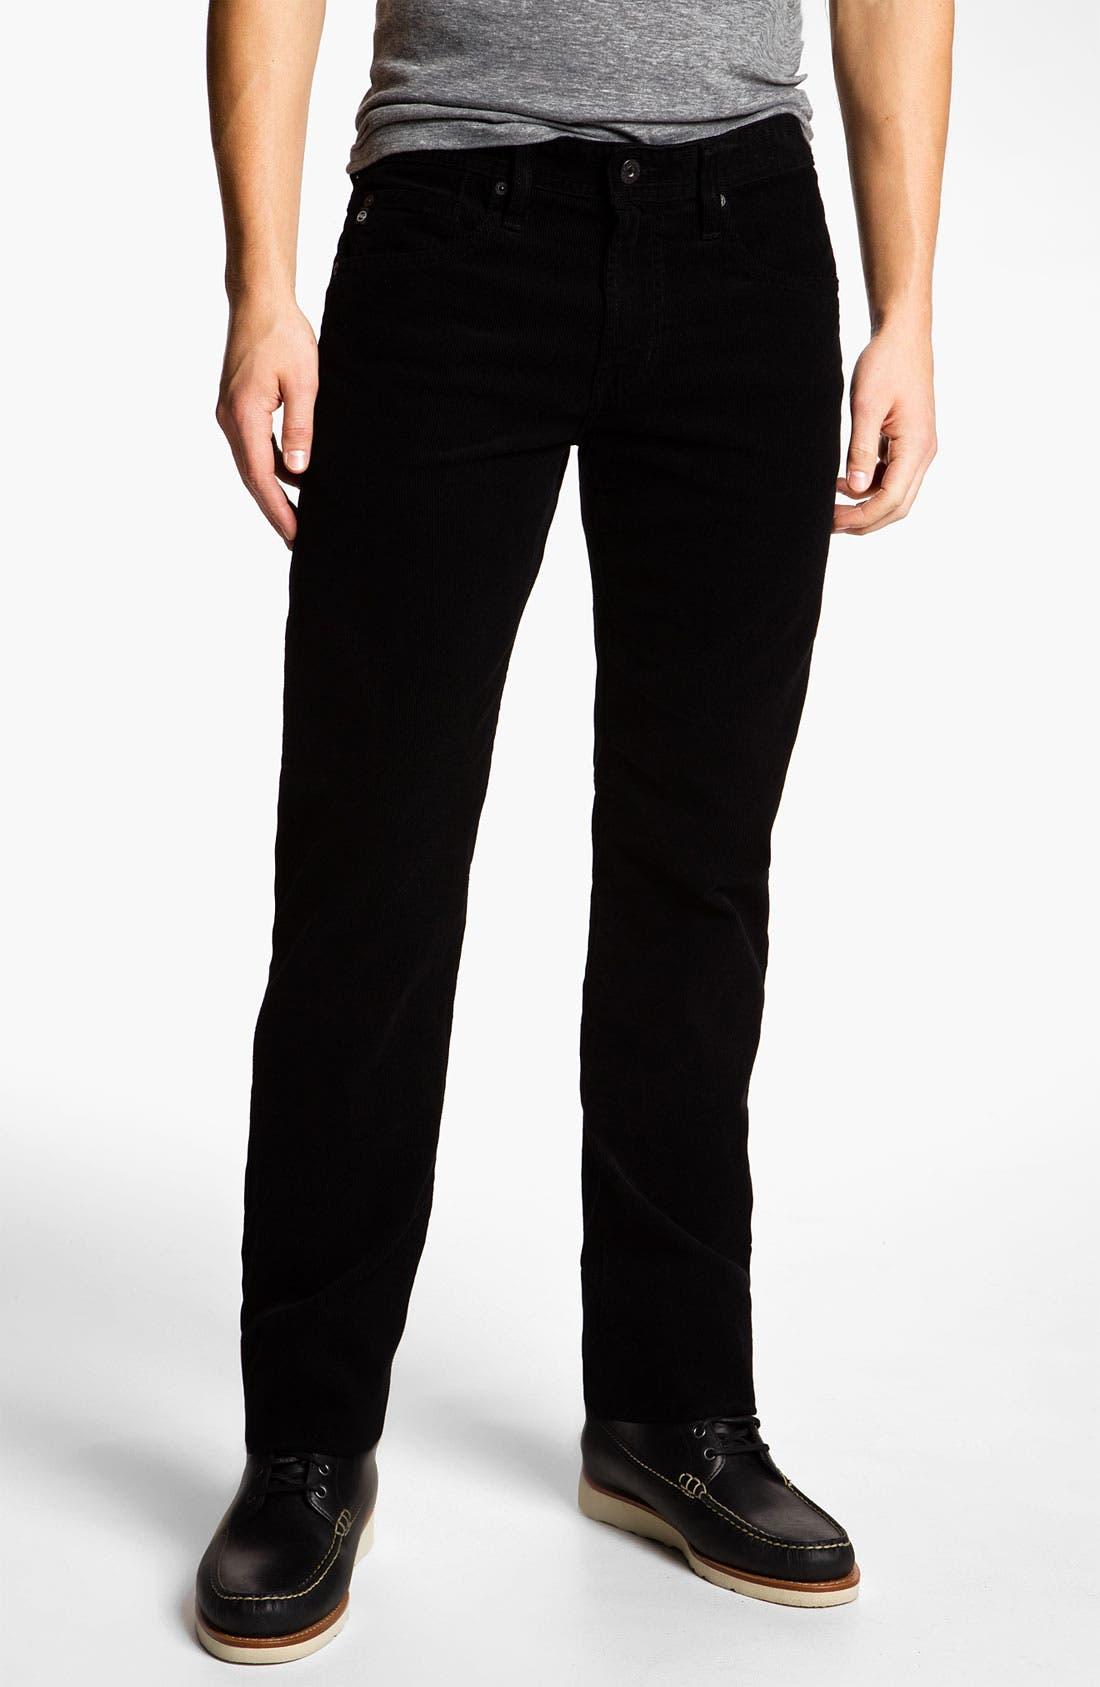 Jeans 'Matchbox' Slim Straight Leg Corduroy Pants, Main, color, 010